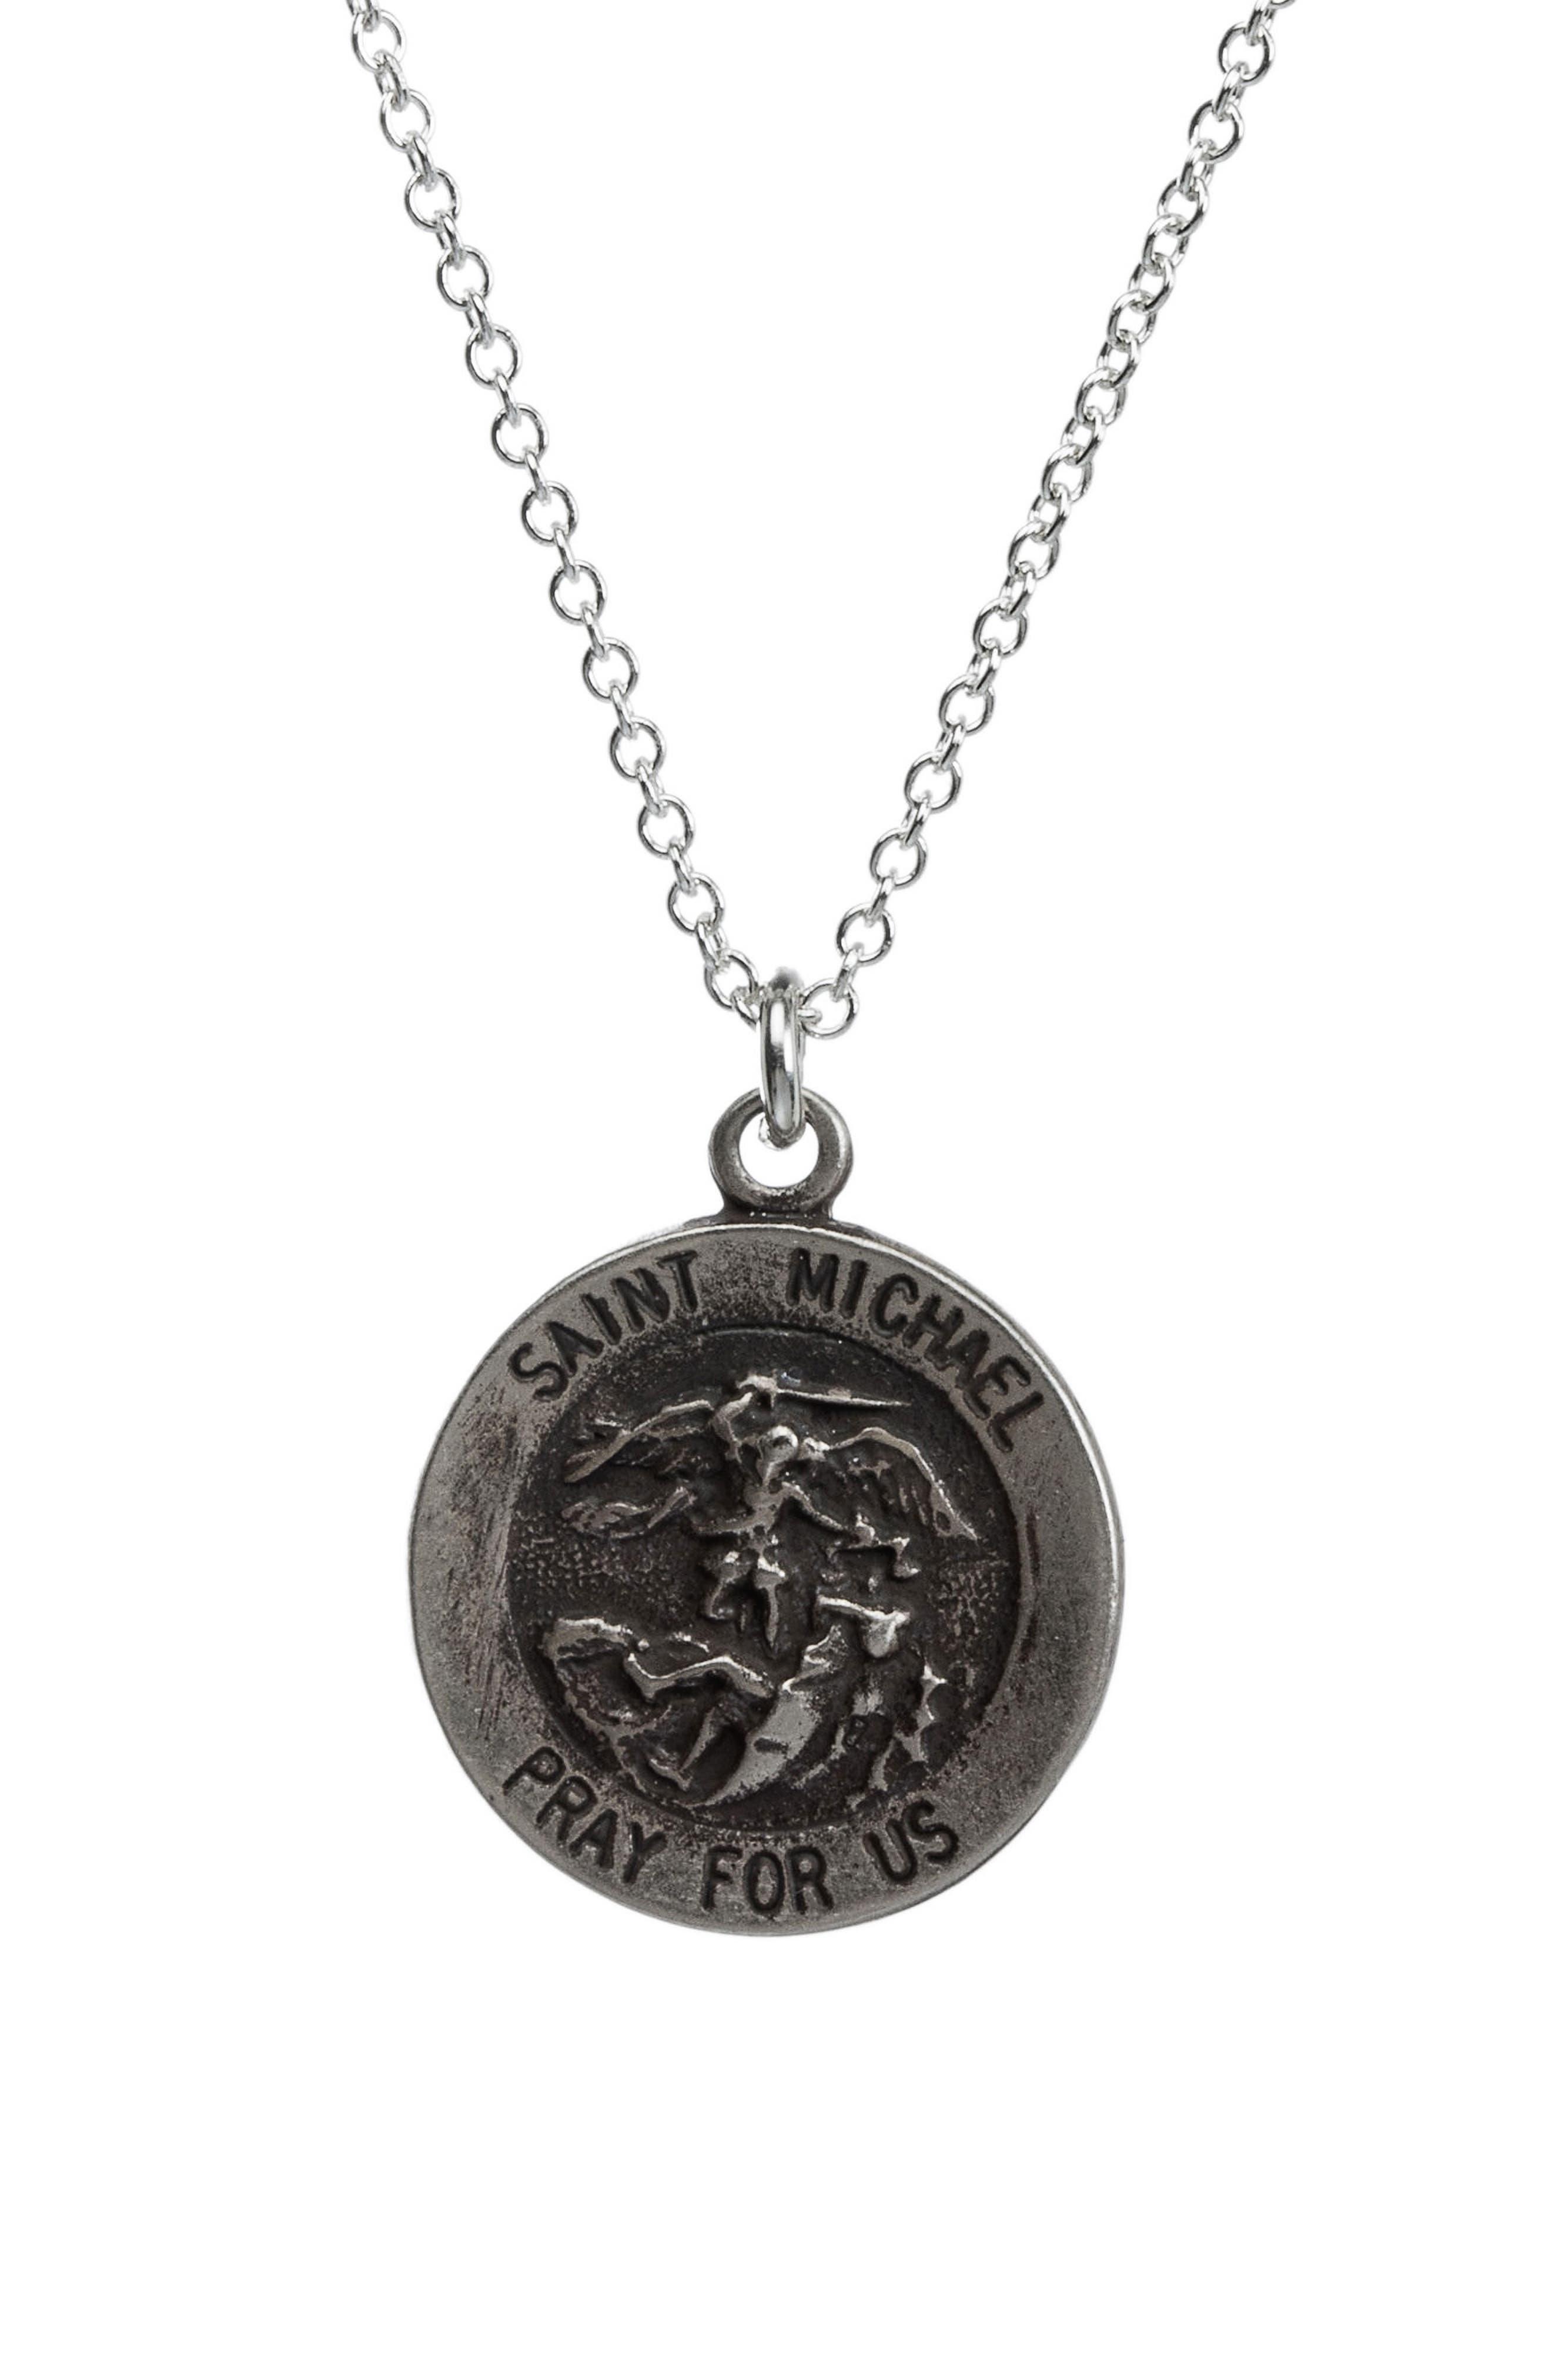 Saint Michael Pendant Necklace,                             Main thumbnail 1, color,                             Silver